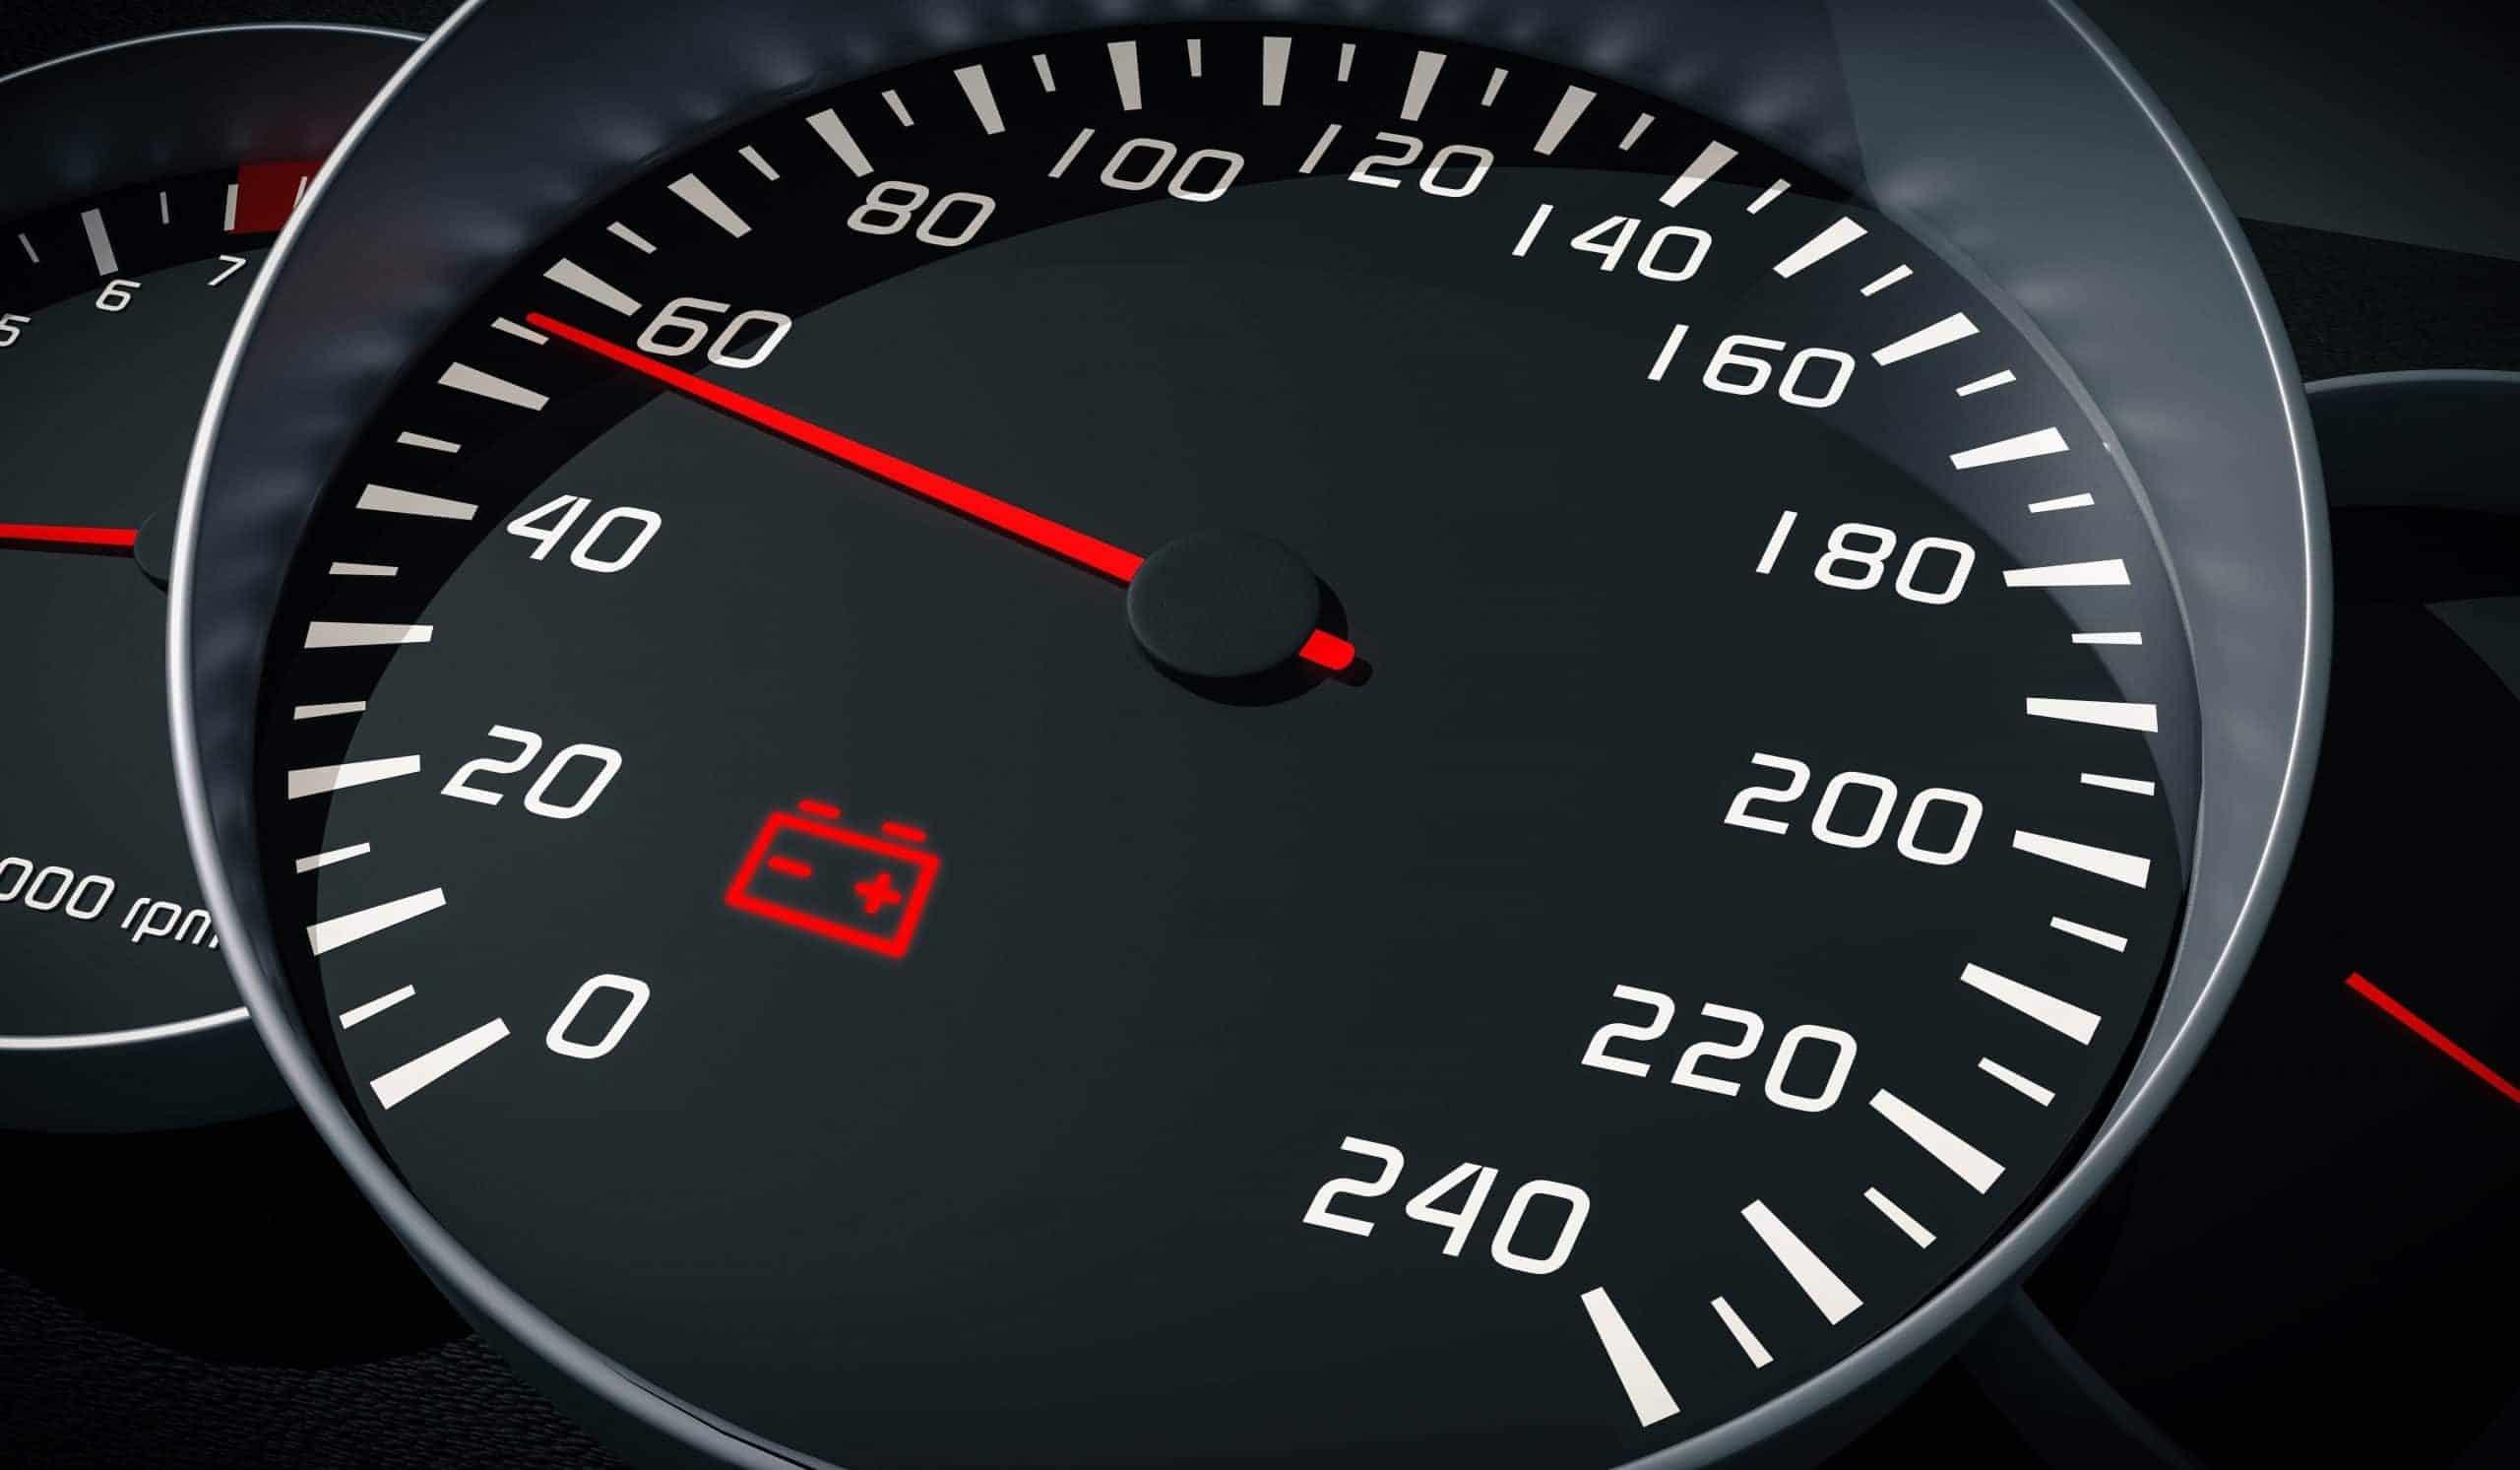 למה המצבר הוא המפתח בבטיחות הרכב שלכם?